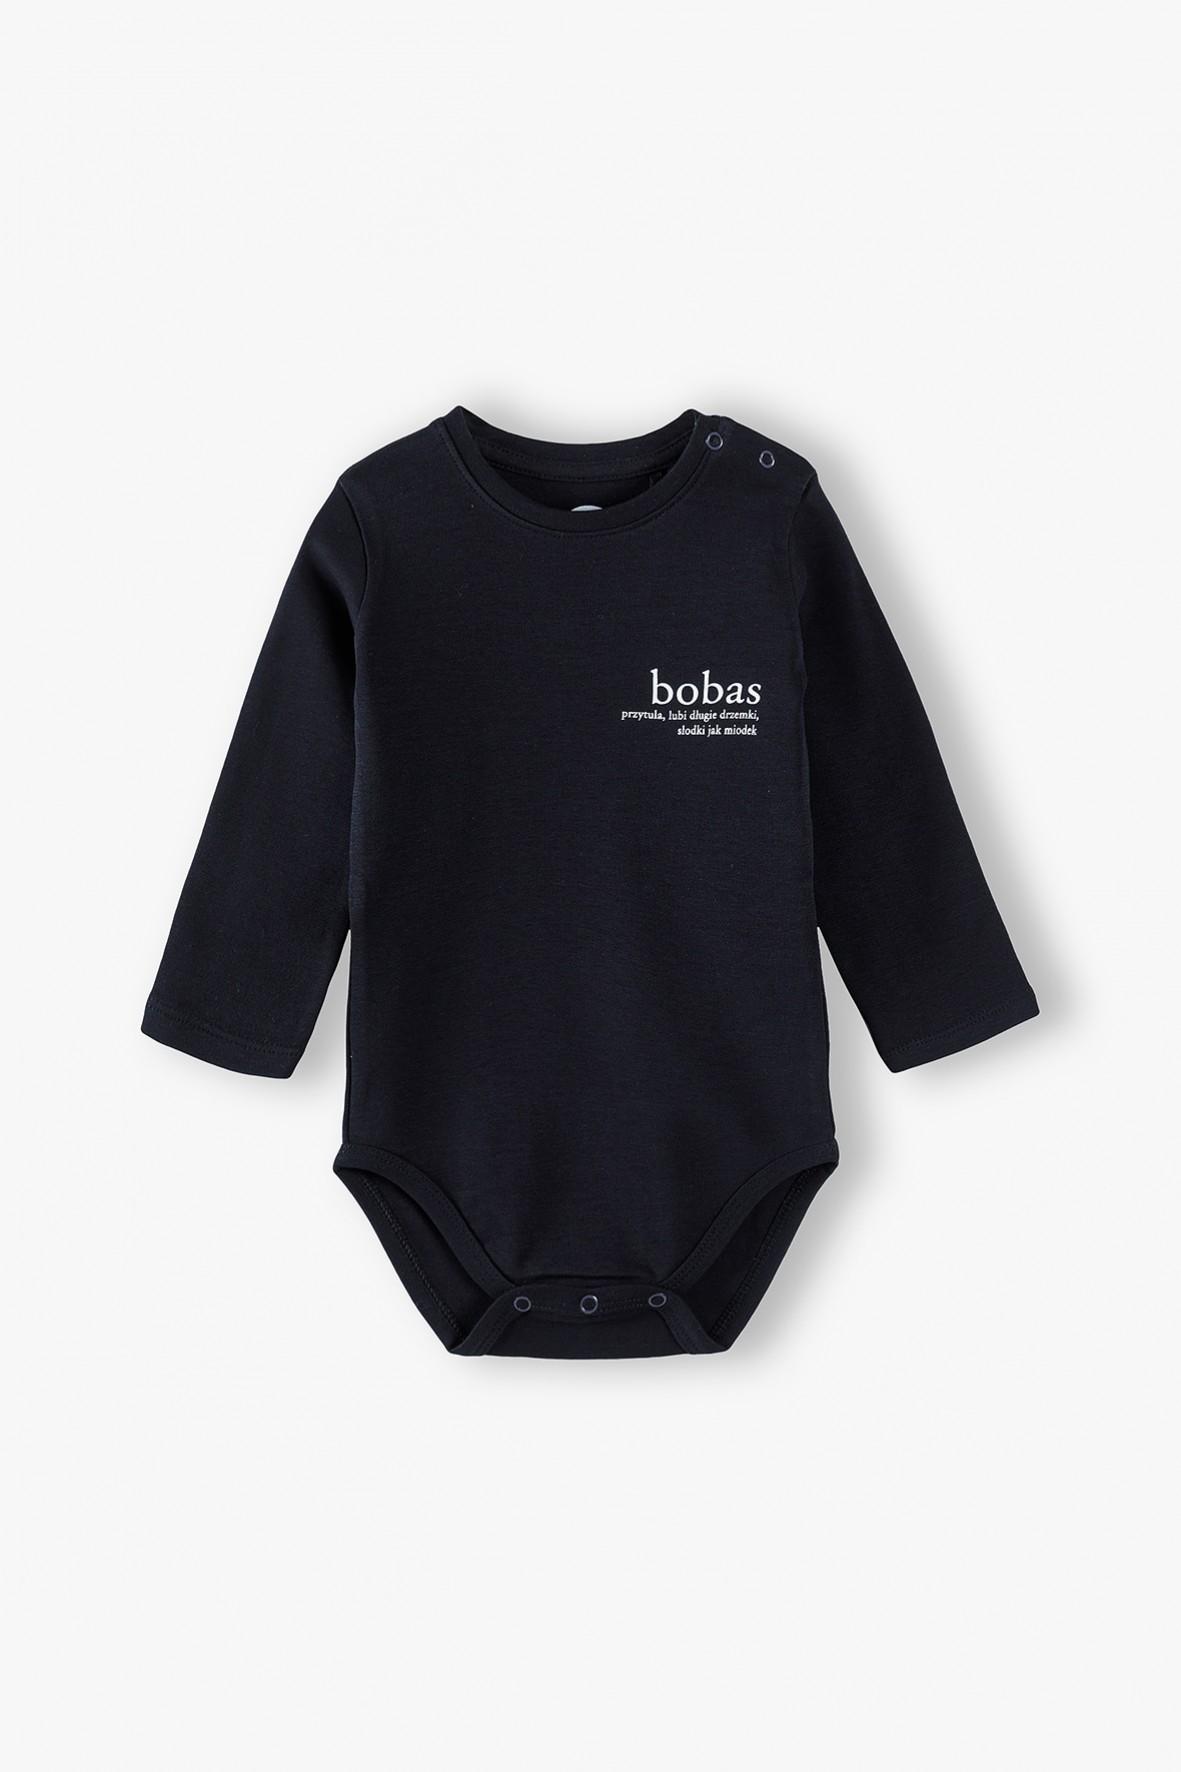 Bawełniane body niemowlęce BOBAS - ubrania dla rodziny